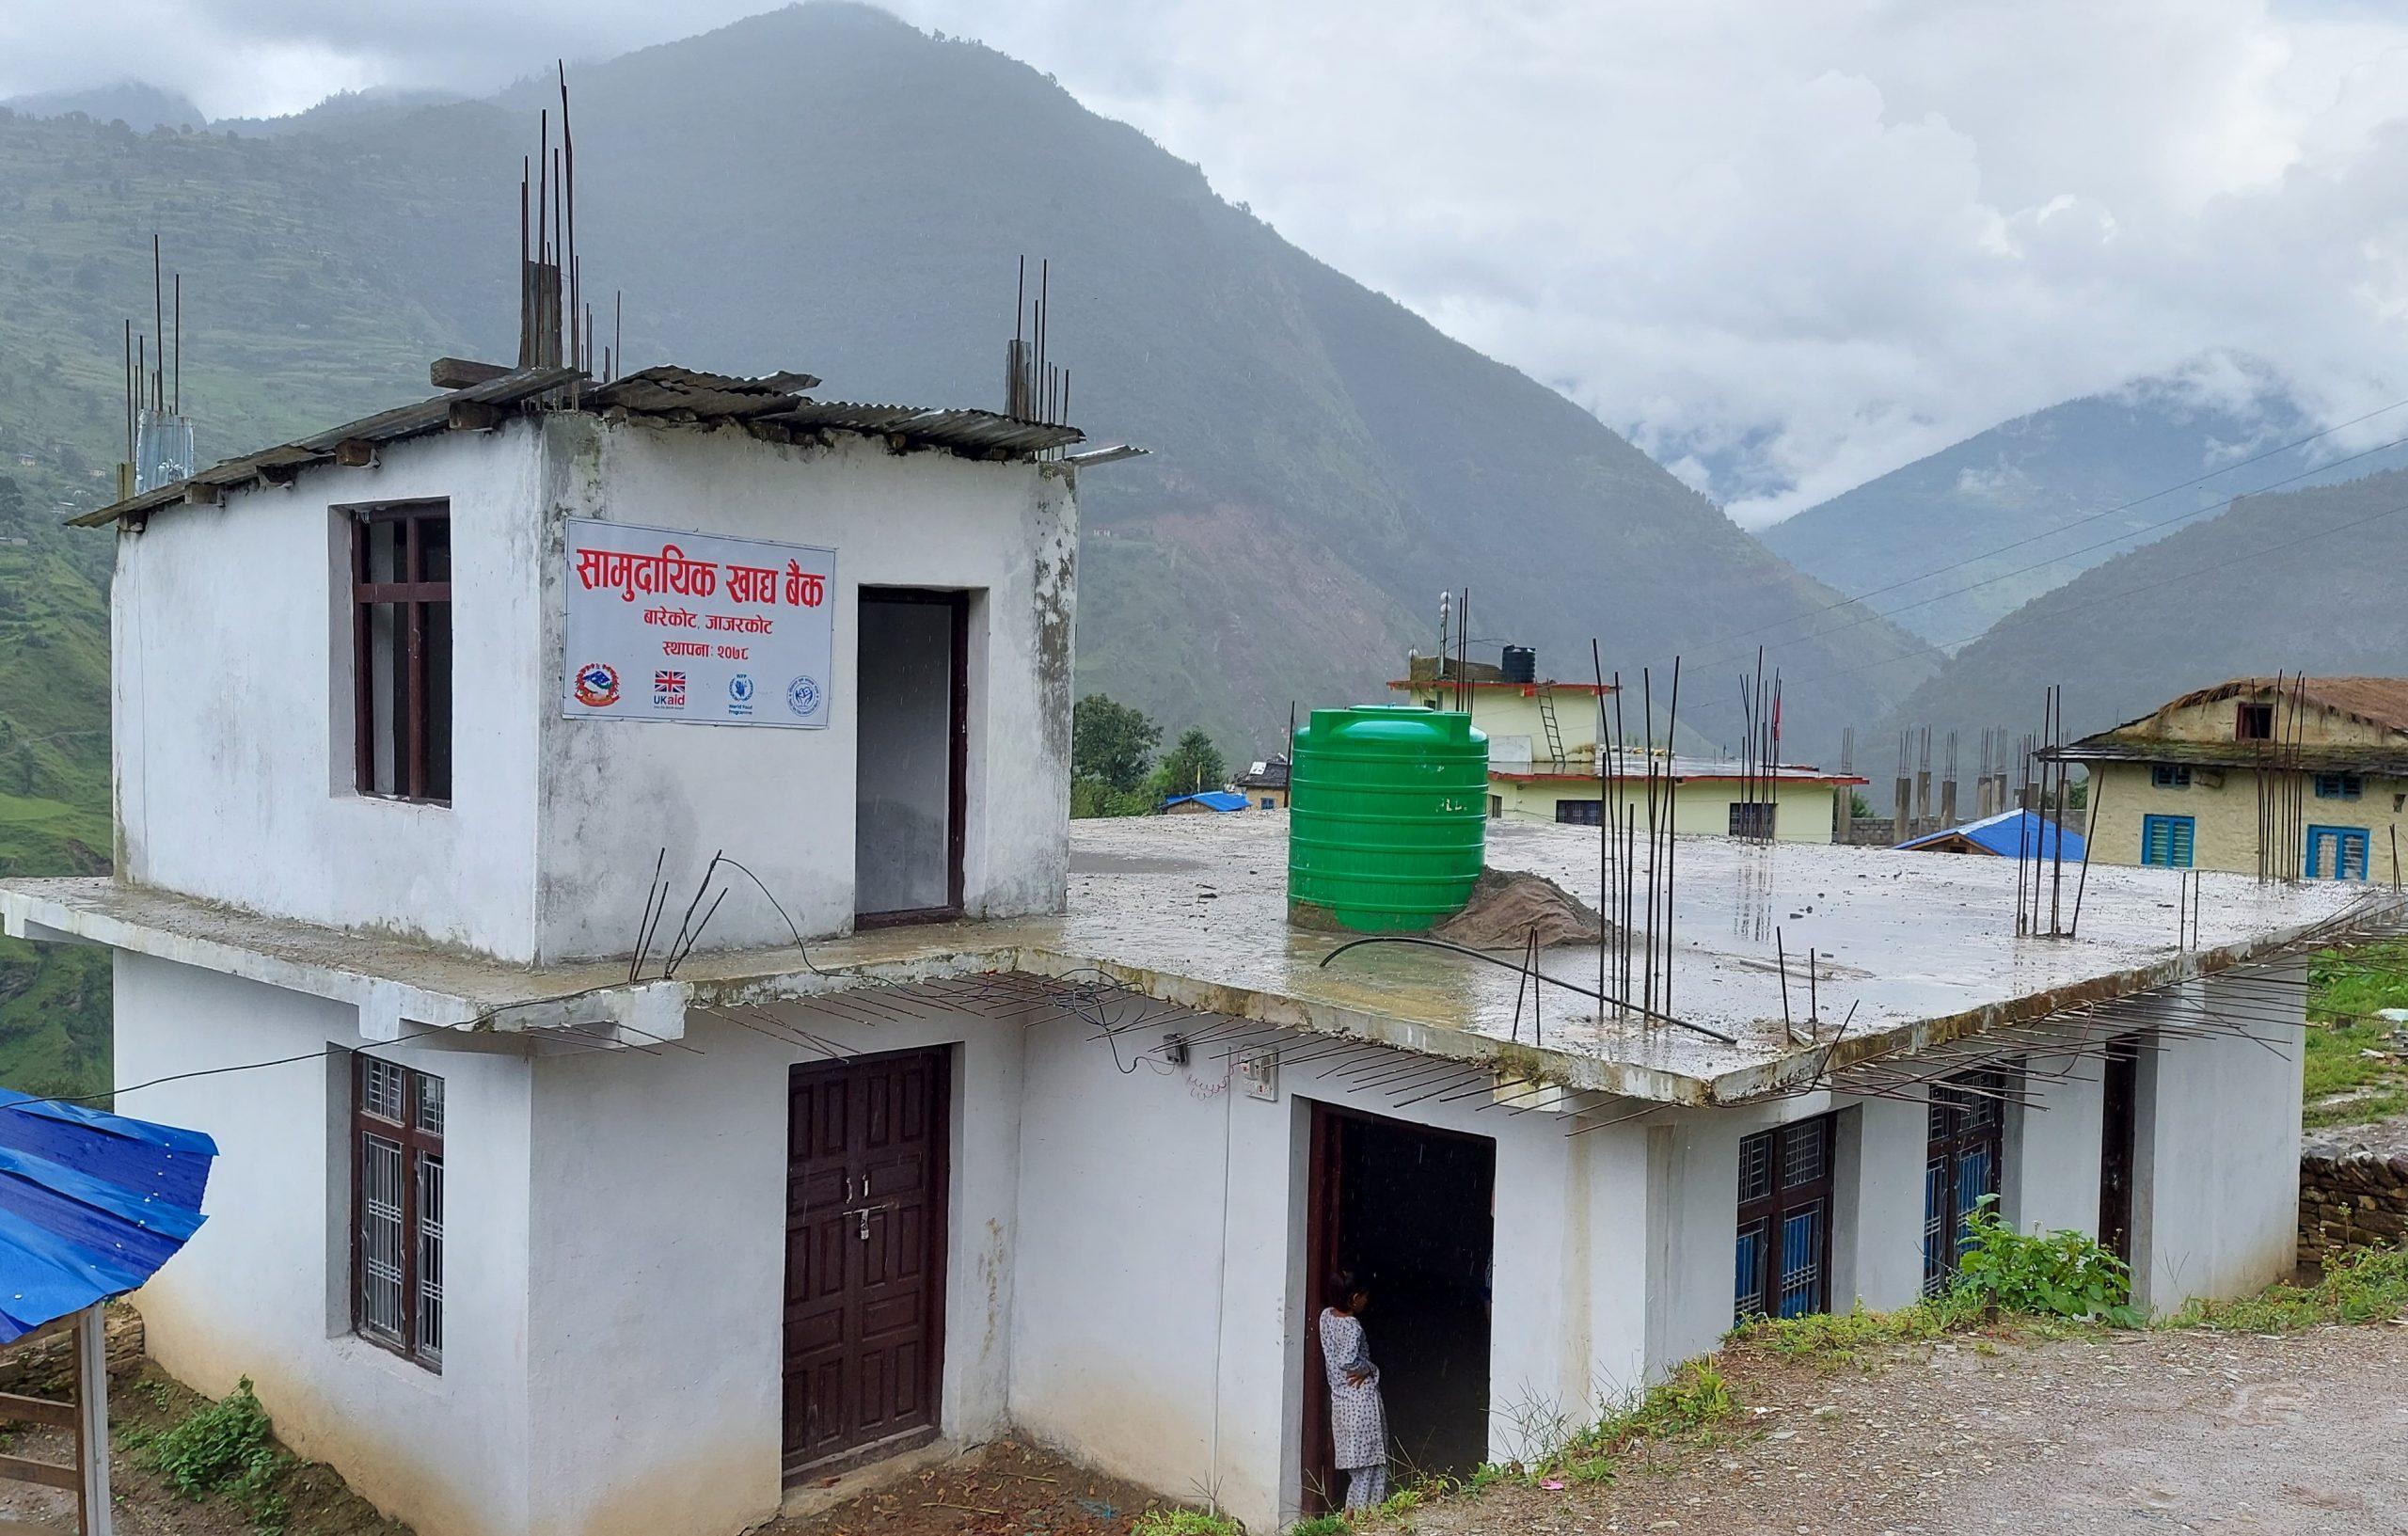 बारेकोटमा सामुदायिक खाद्य बैंक स्थापना